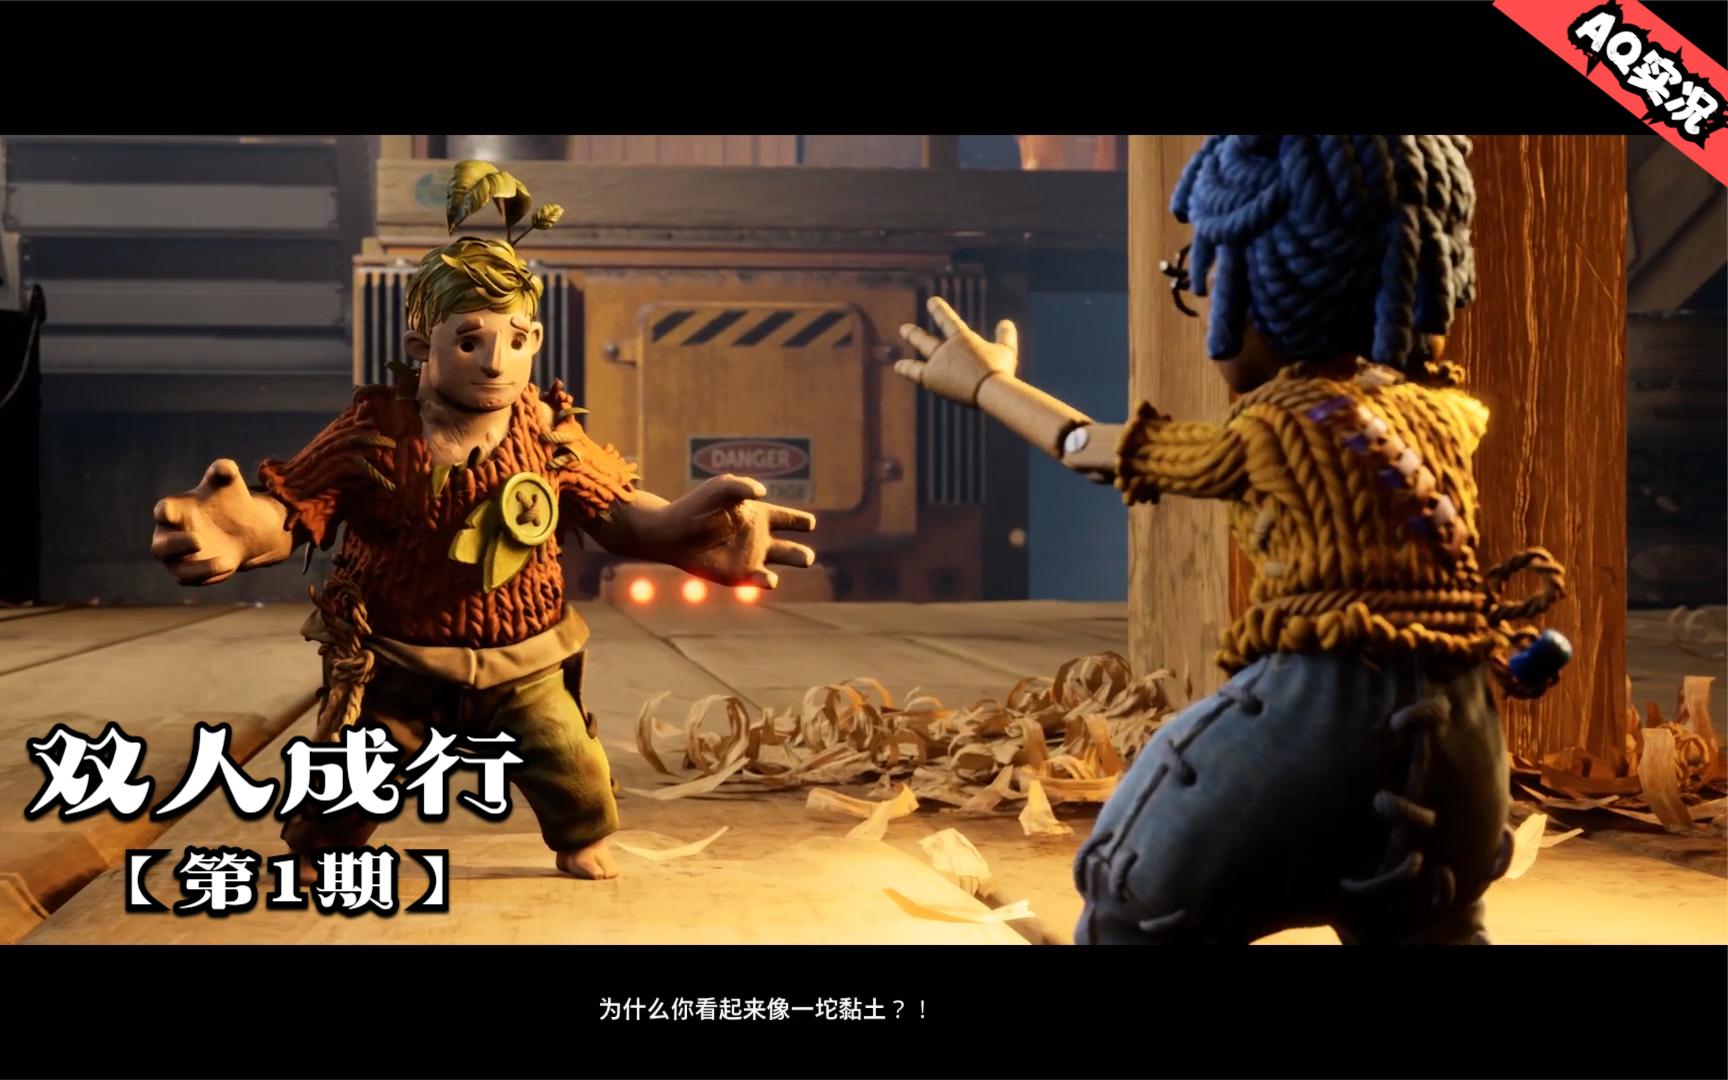 【AQ实况】与小团子一起的双人成行-01